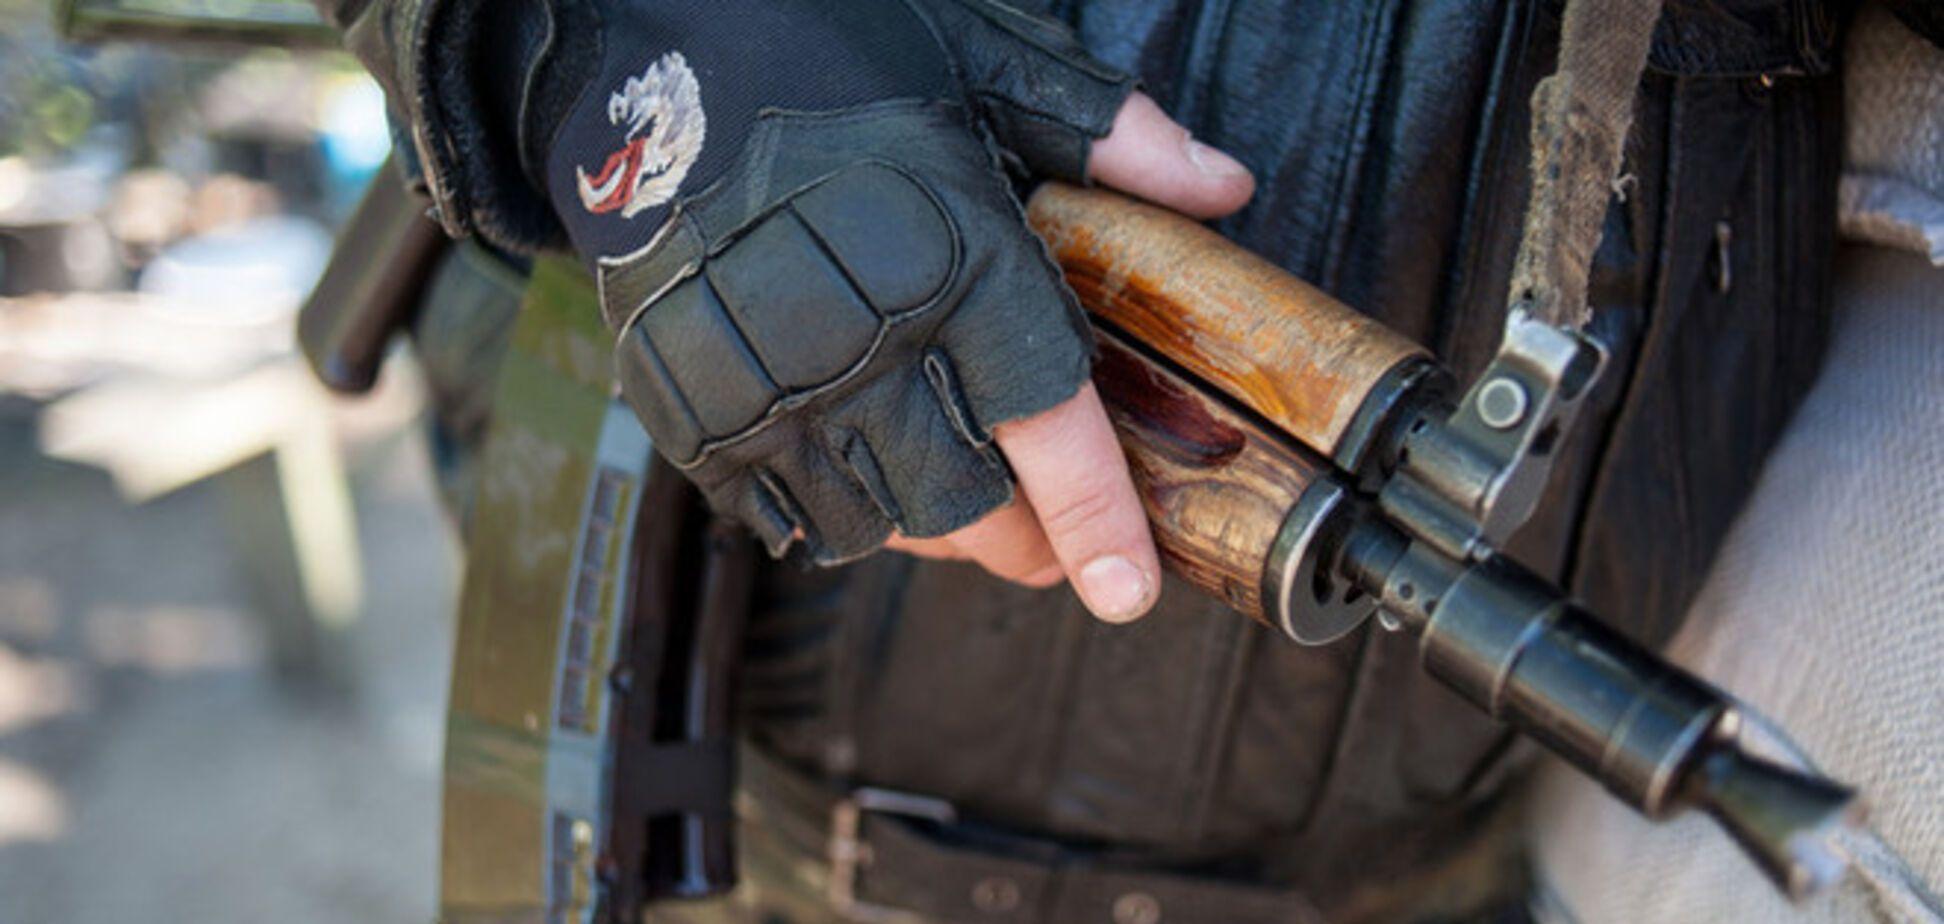 Террористы требуют у беженцев деньги за выезд из Краматорска